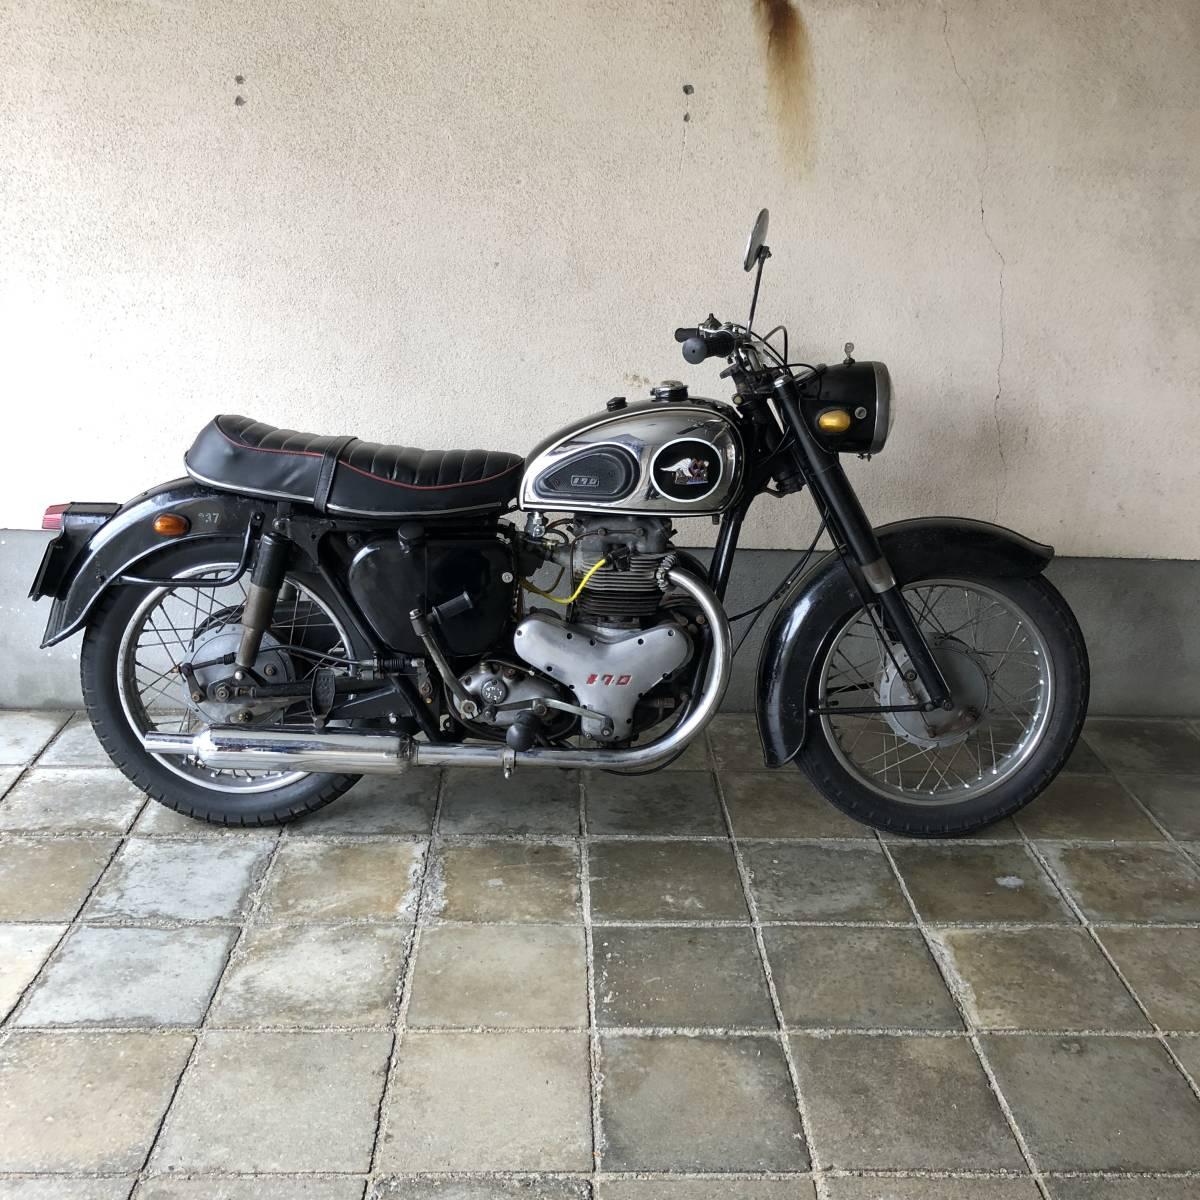 希少 1962年 メグロ K1 実動ベース車両 車検31年11月まで